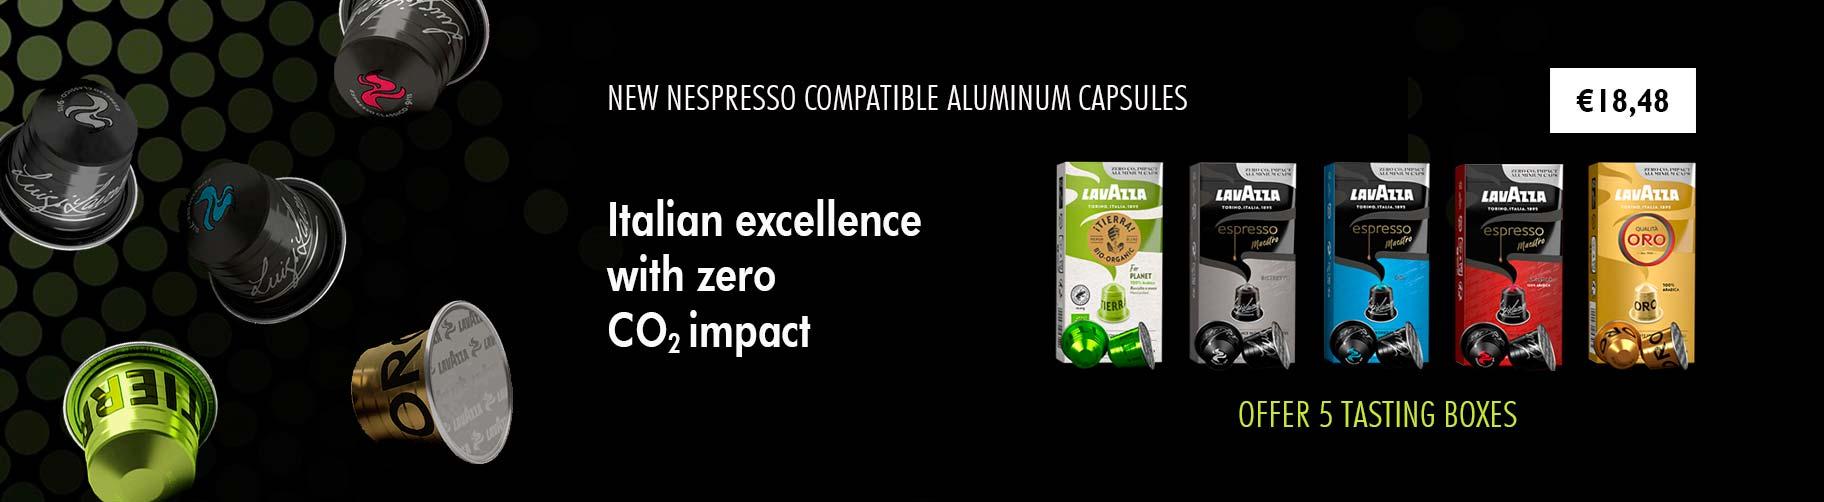 new nespresso aluminum capsules